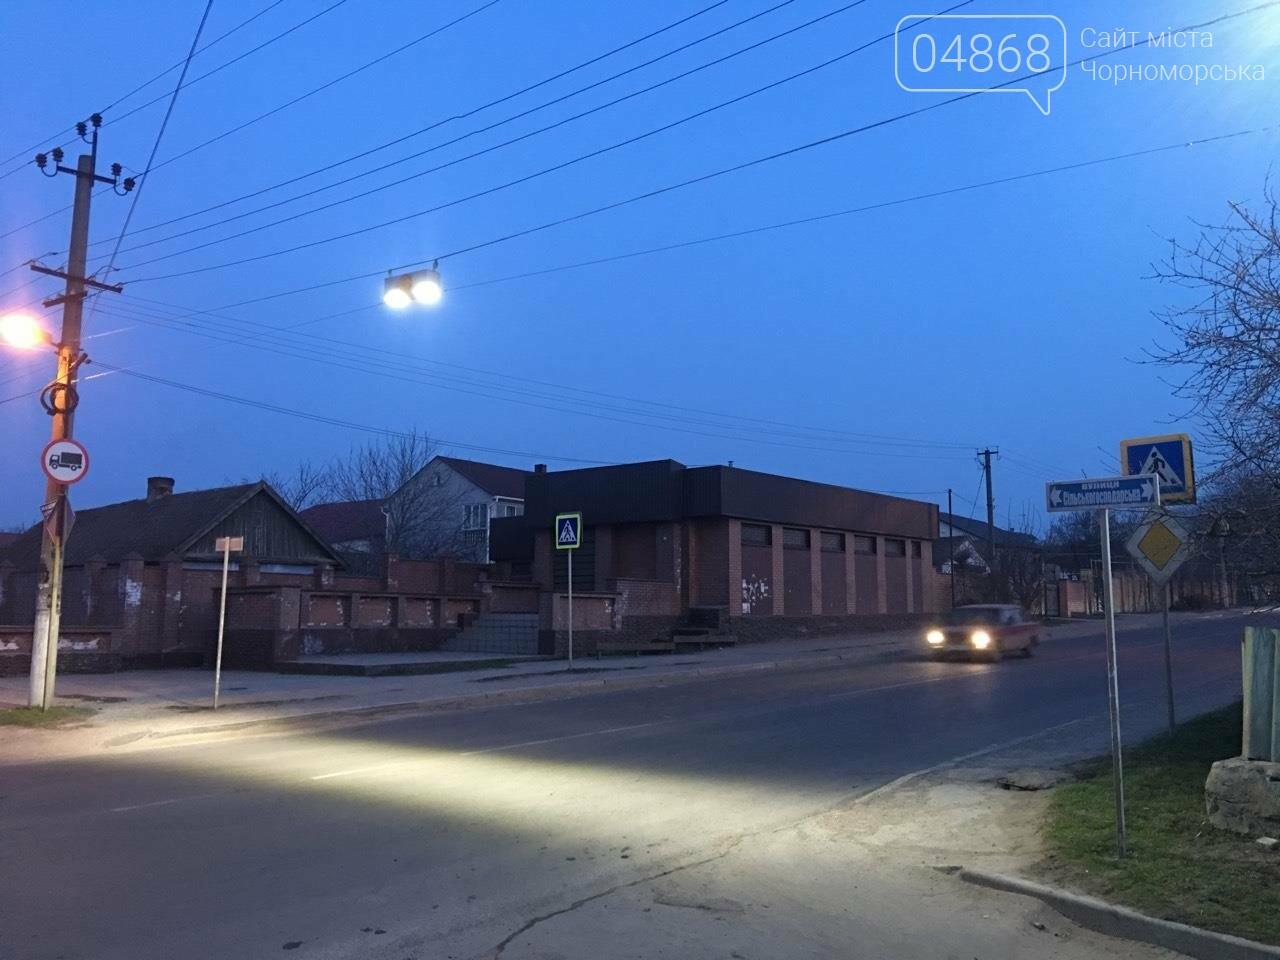 В Черноморске установили ещё 3 светодиодных подсветки пешеходных переходов, фото-9